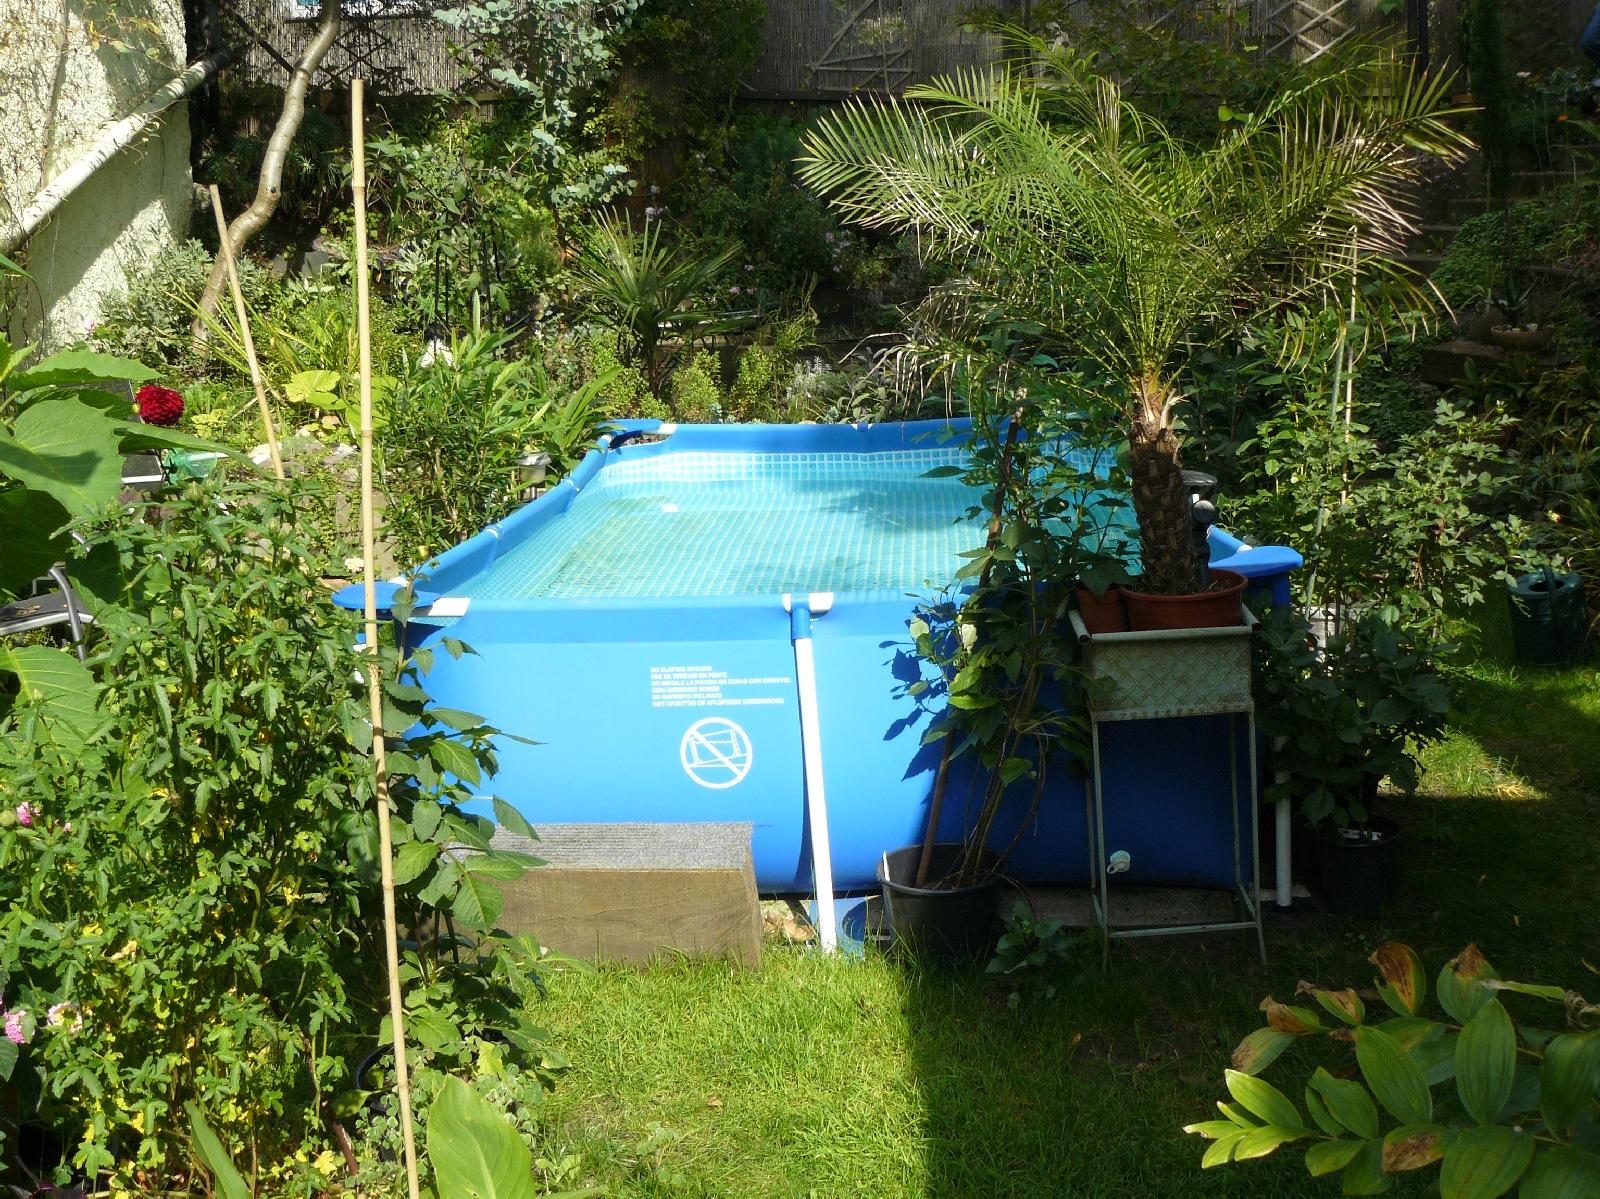 Pool auf rasen stellen galerie von wohndesign for Obi sandfilteranlage pool